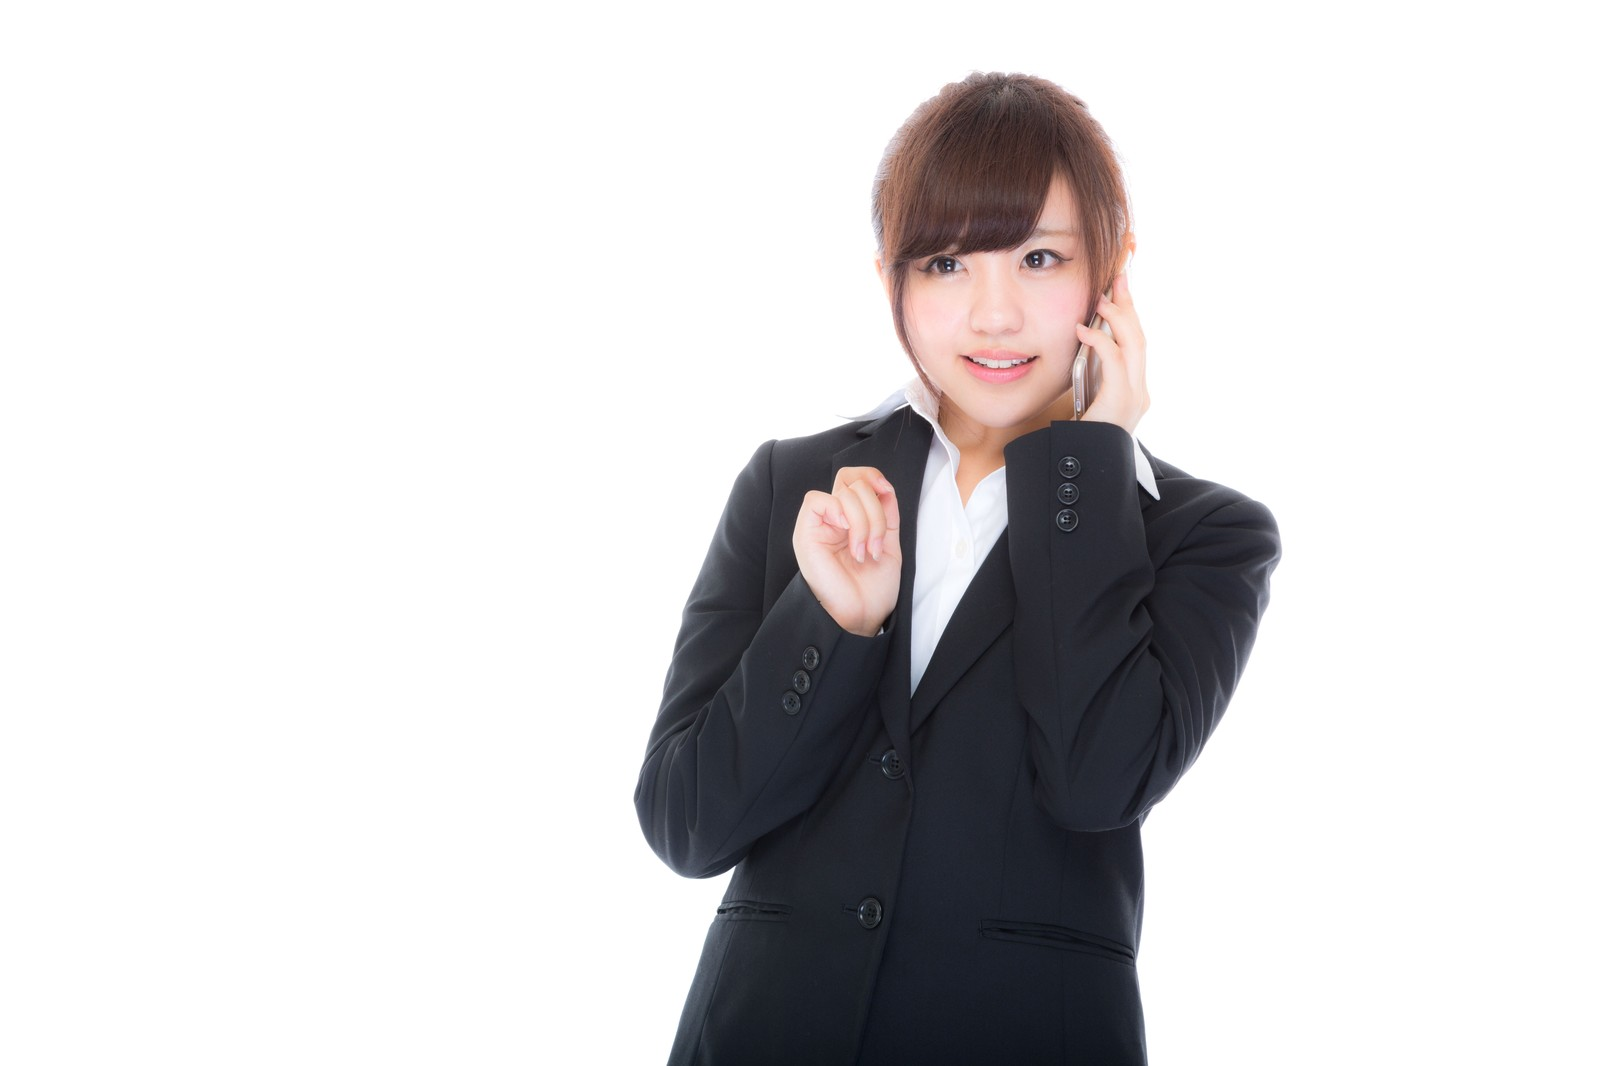 【私の転職成功談】専門学校職員から食品専門商社の営業へ転職